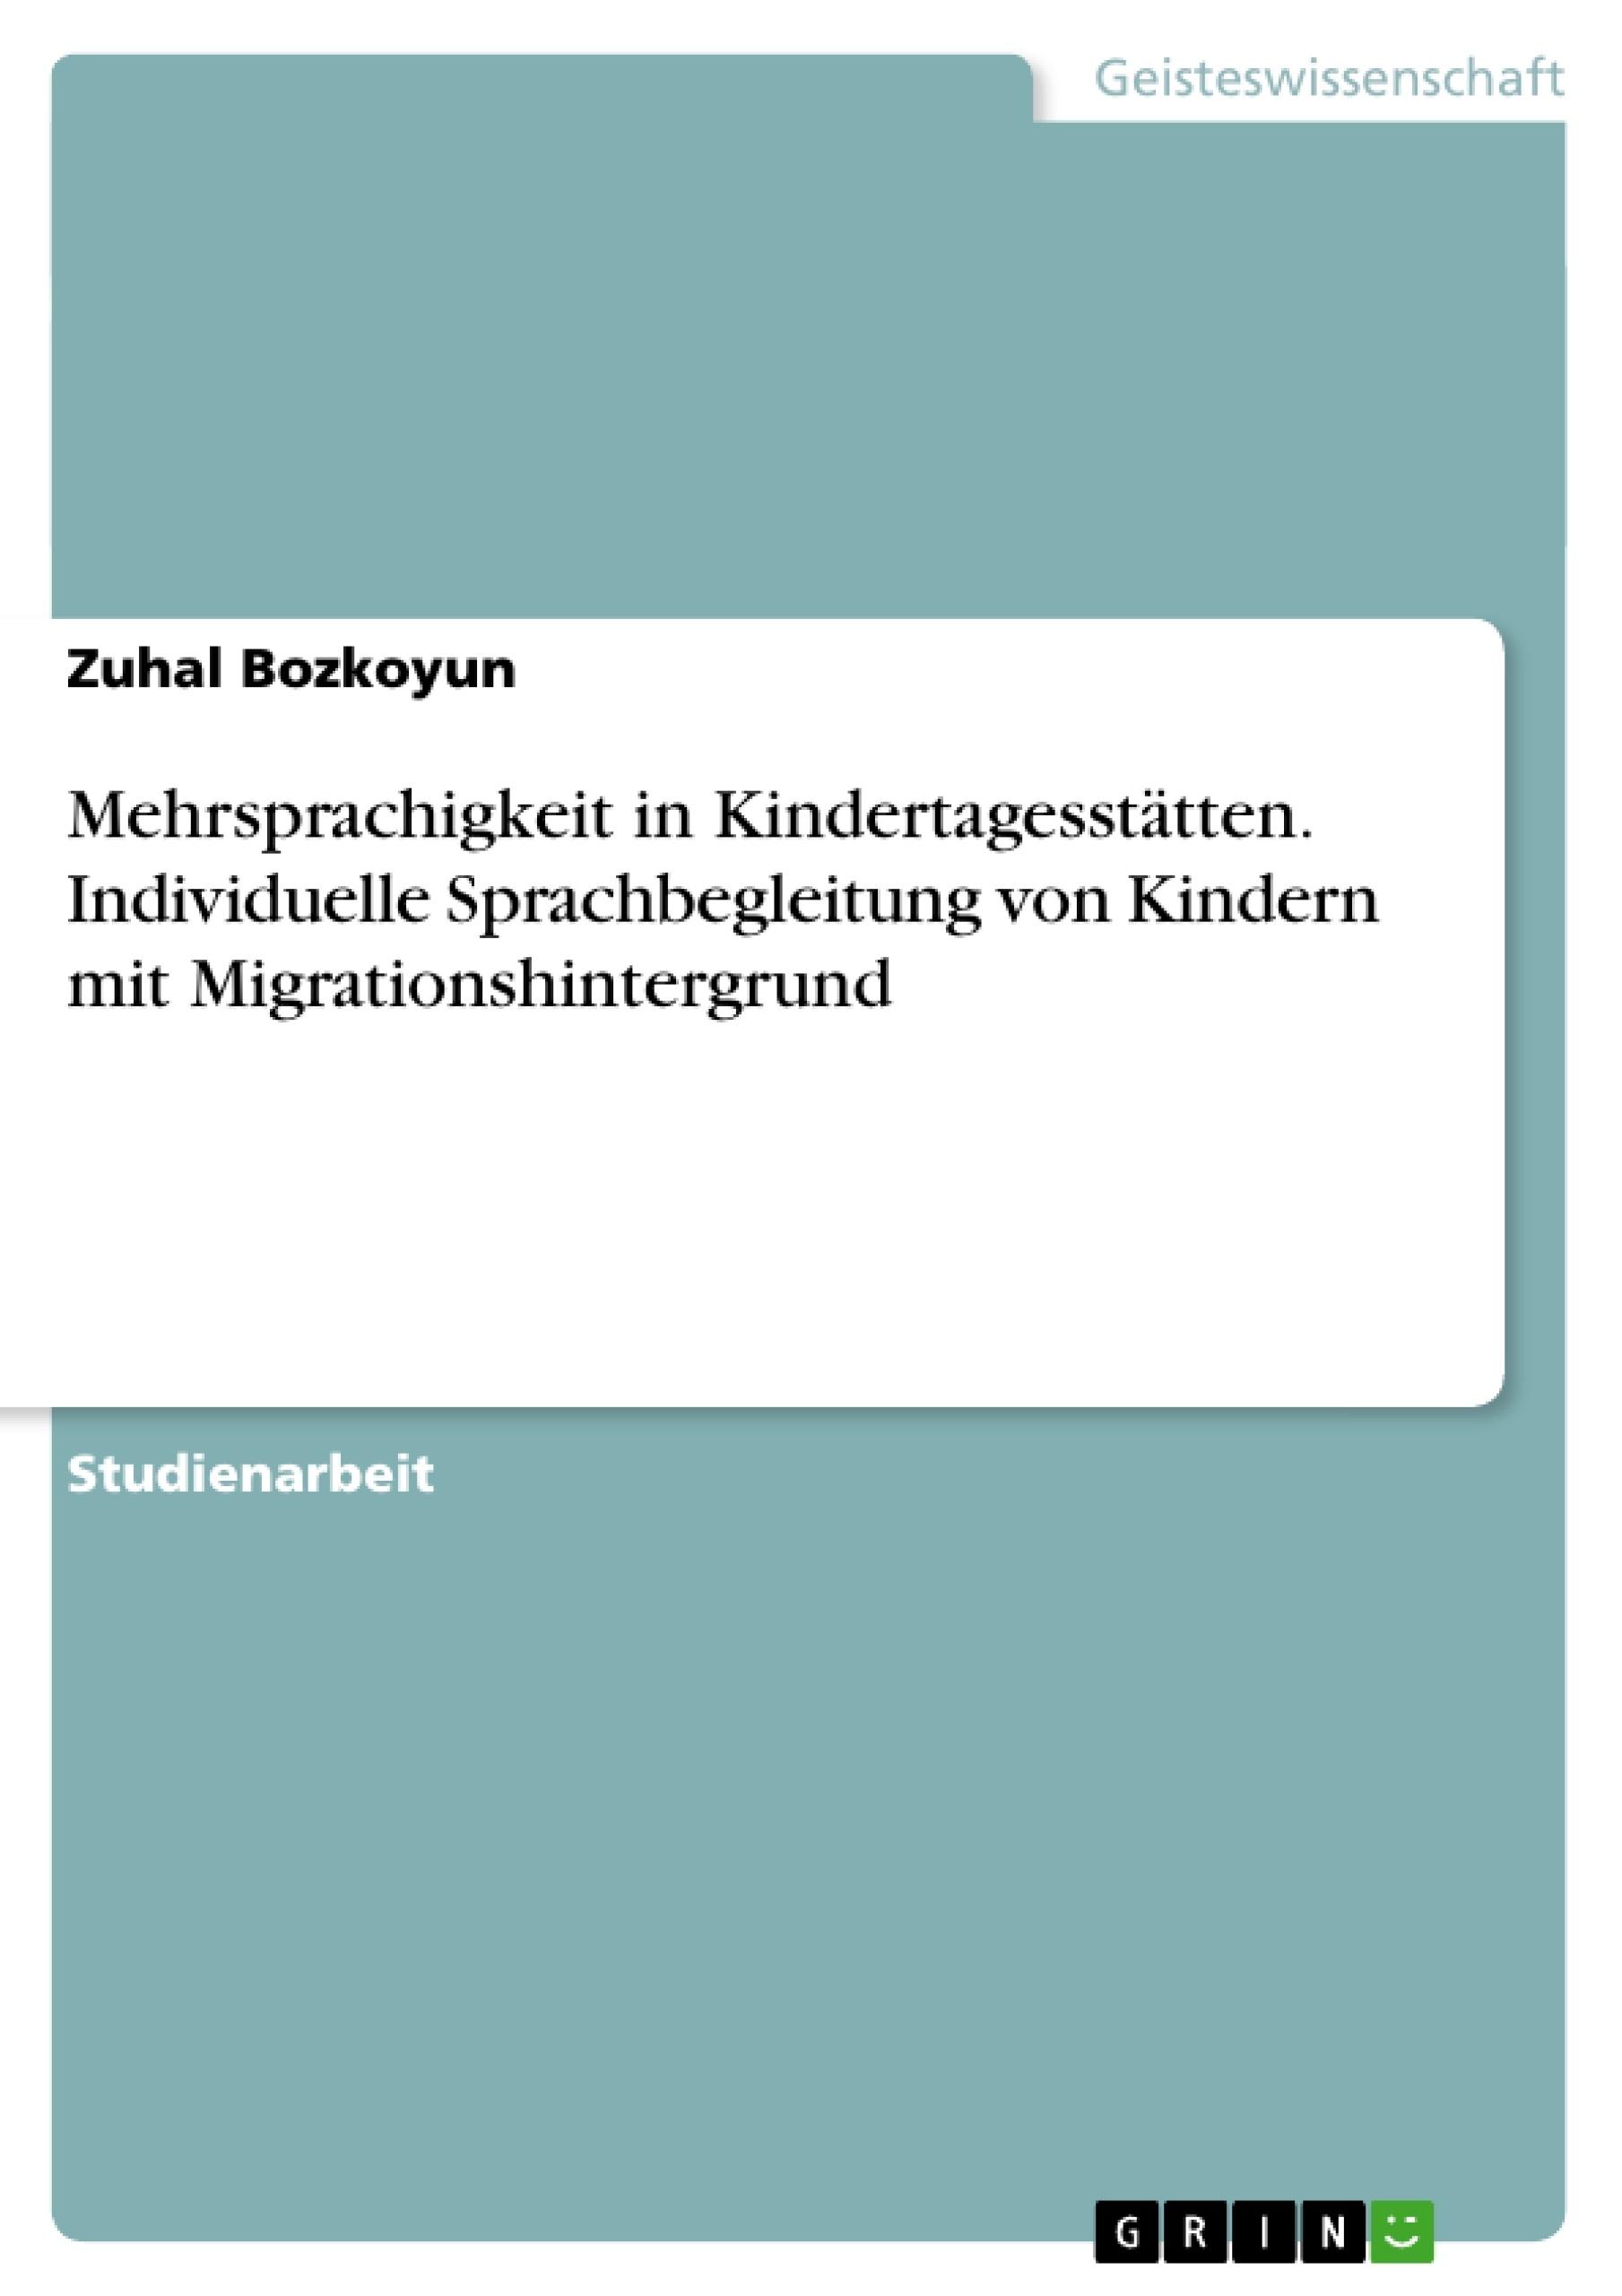 Titel: Mehrsprachigkeit in Kindertagesstätten. Individuelle Sprachbegleitung von Kindern mit Migrationshintergrund